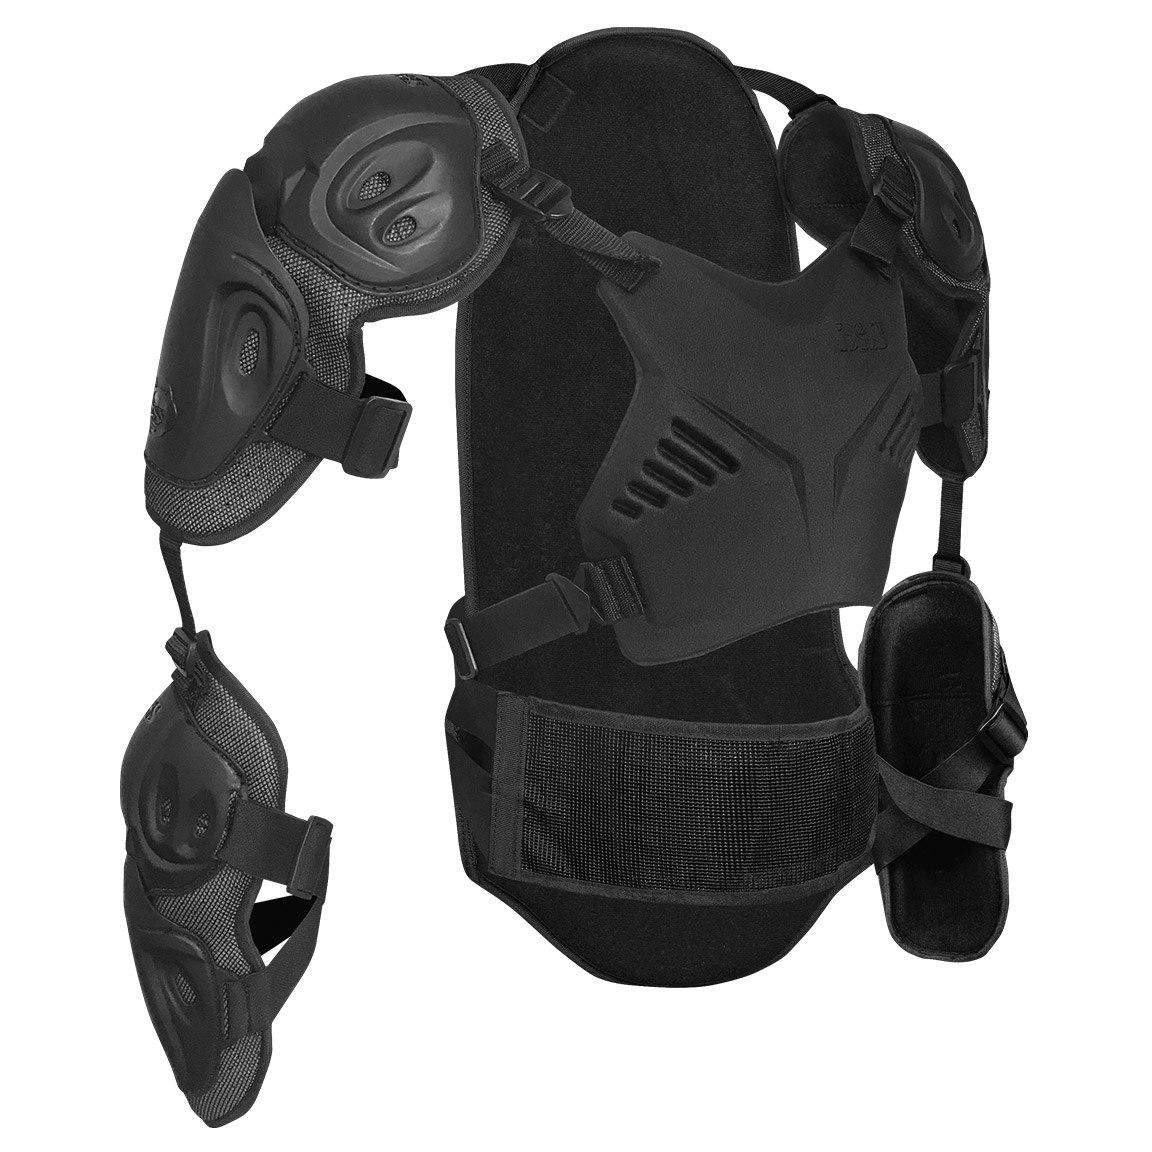 Produktbild von iXS Assault EVO Protektorenjacke - black